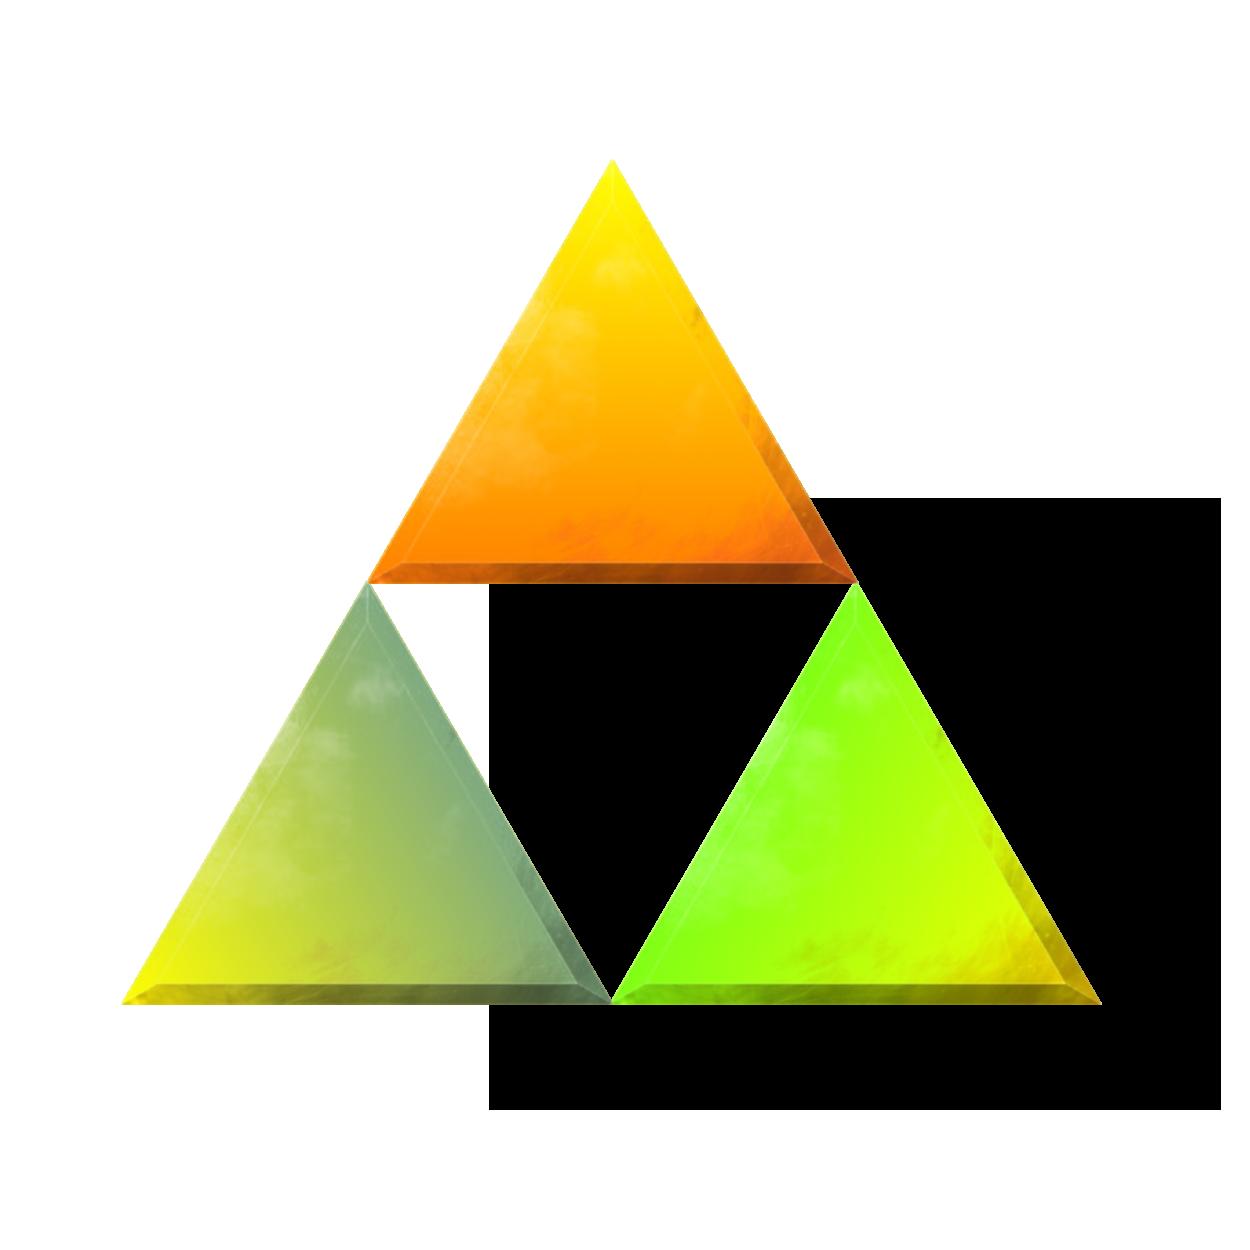 1250x1250 15 Triforce Png For Free Download On Mbtskoudsalg